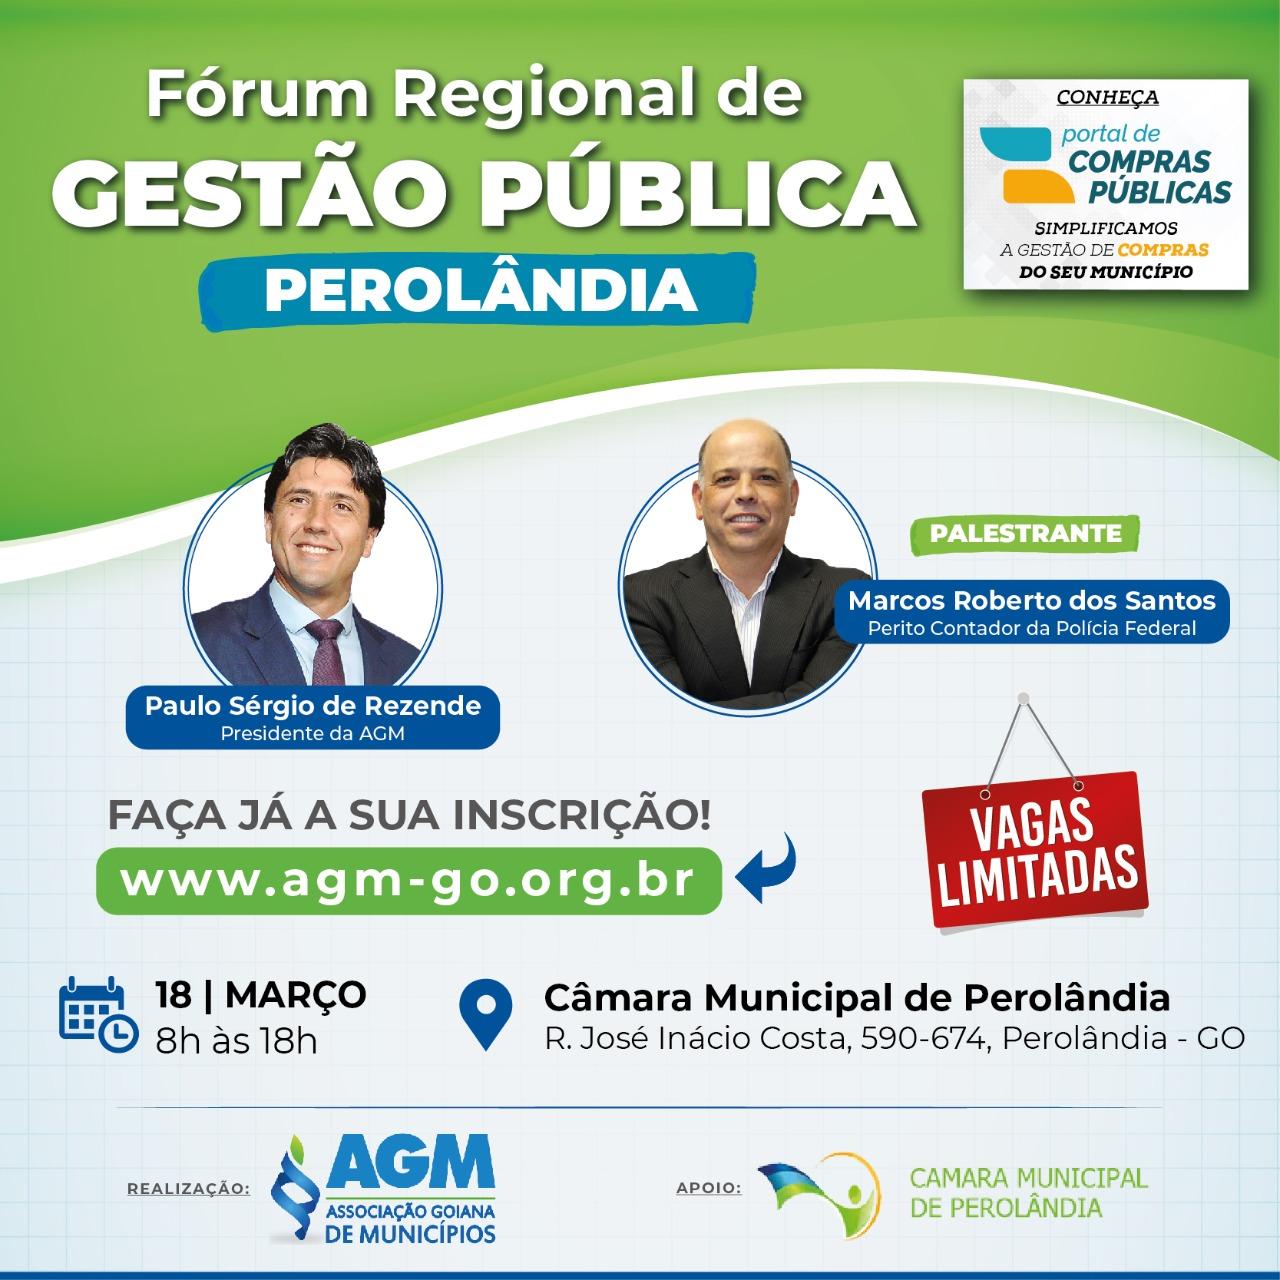 FÓRUM REGIONAL DE GESTÃO PÚBLICA (PEROLÂNDIA)